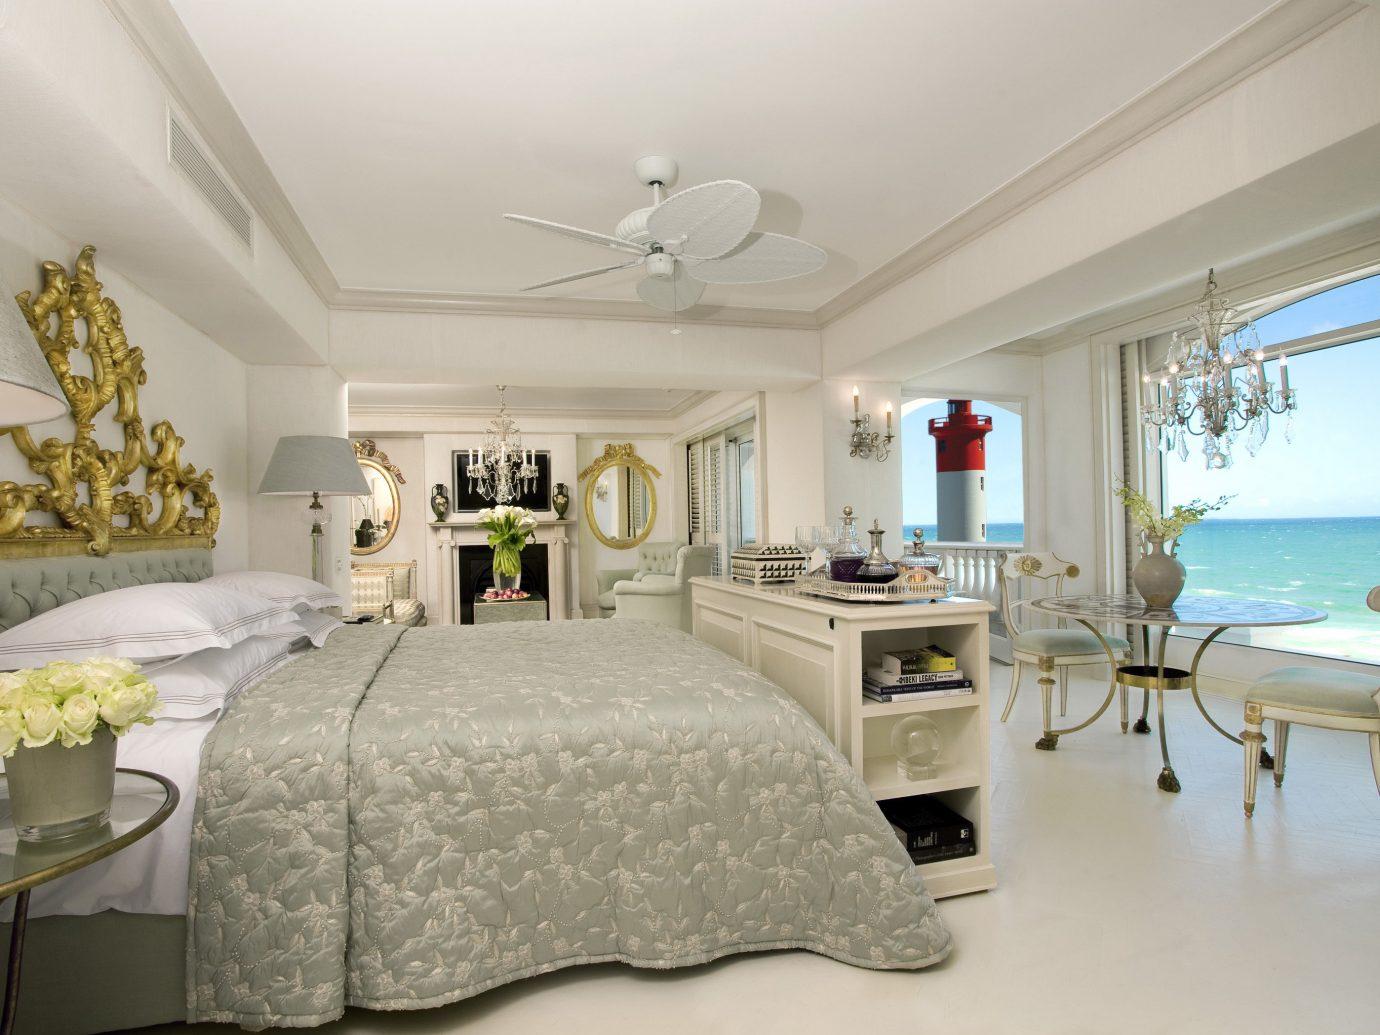 Hotels indoor wall floor bed ceiling room property Bedroom estate living room scene real estate home interior design Suite cottage furniture